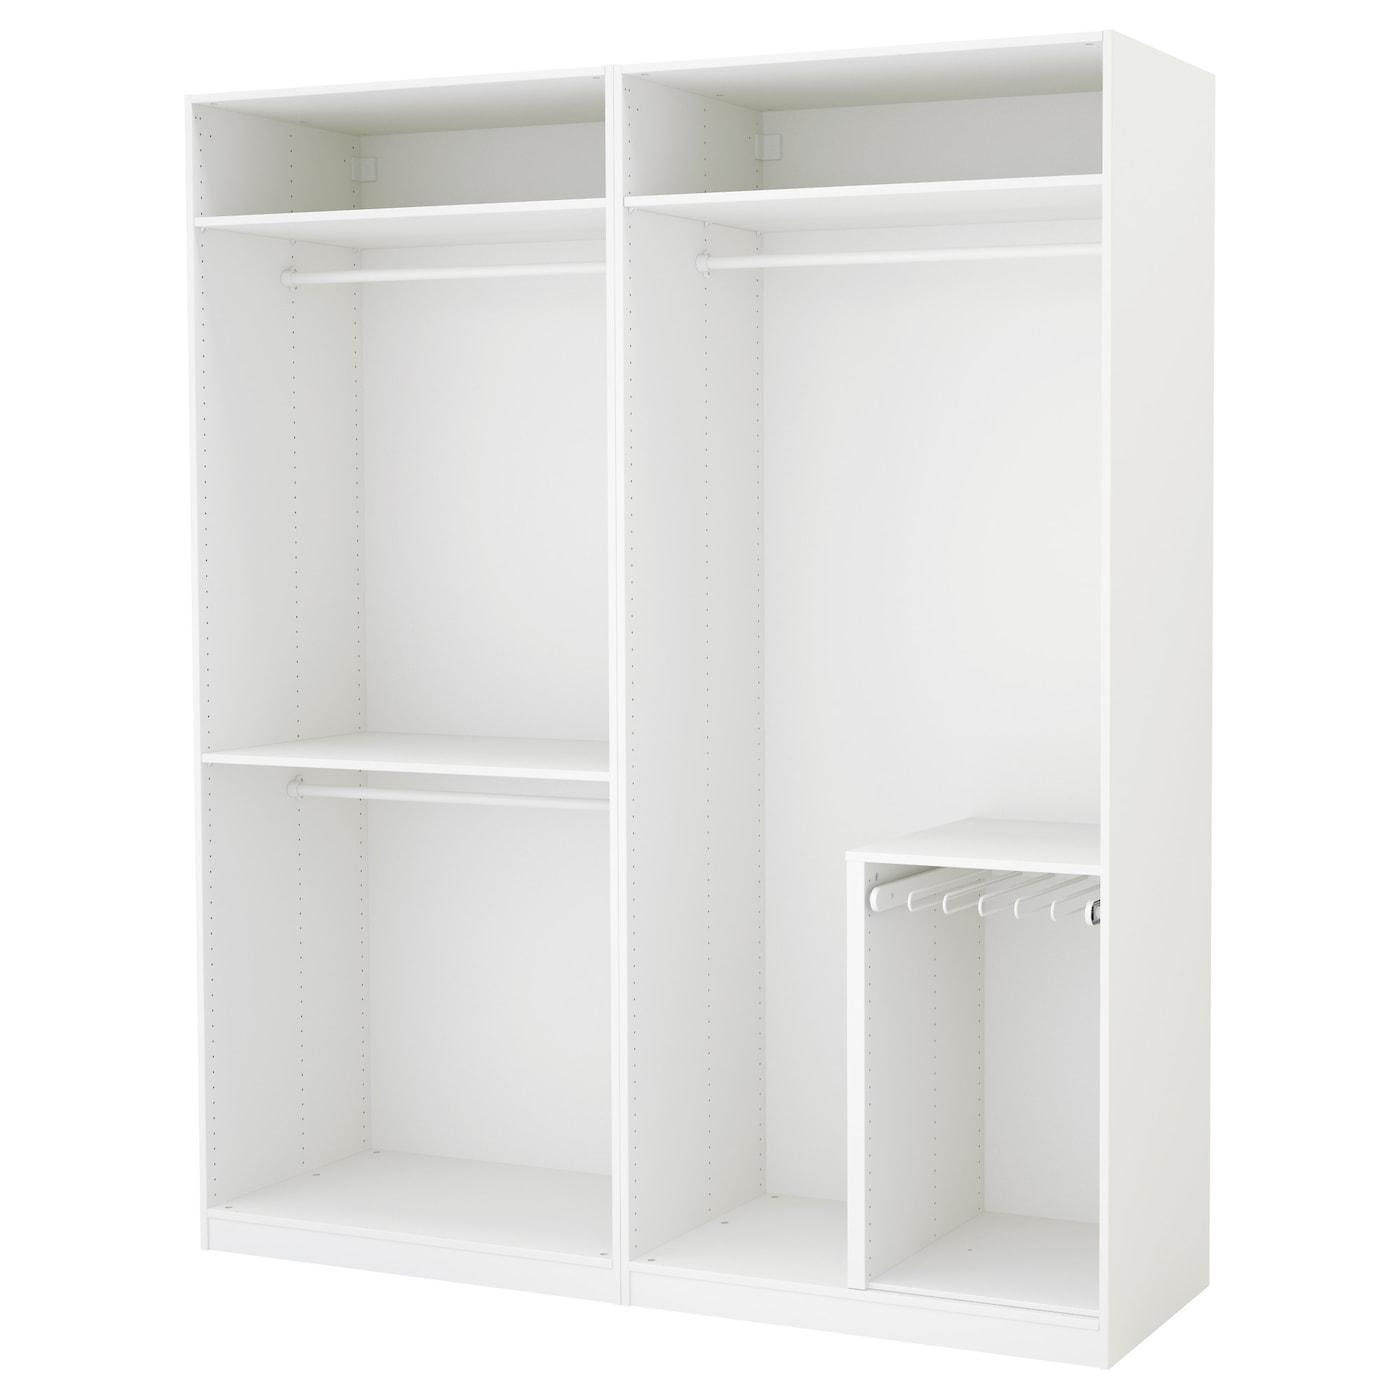 ikea pax kledingkast gratis jaar garantie raadpleeg onze folder voor de with ikea broekhanger. Black Bedroom Furniture Sets. Home Design Ideas